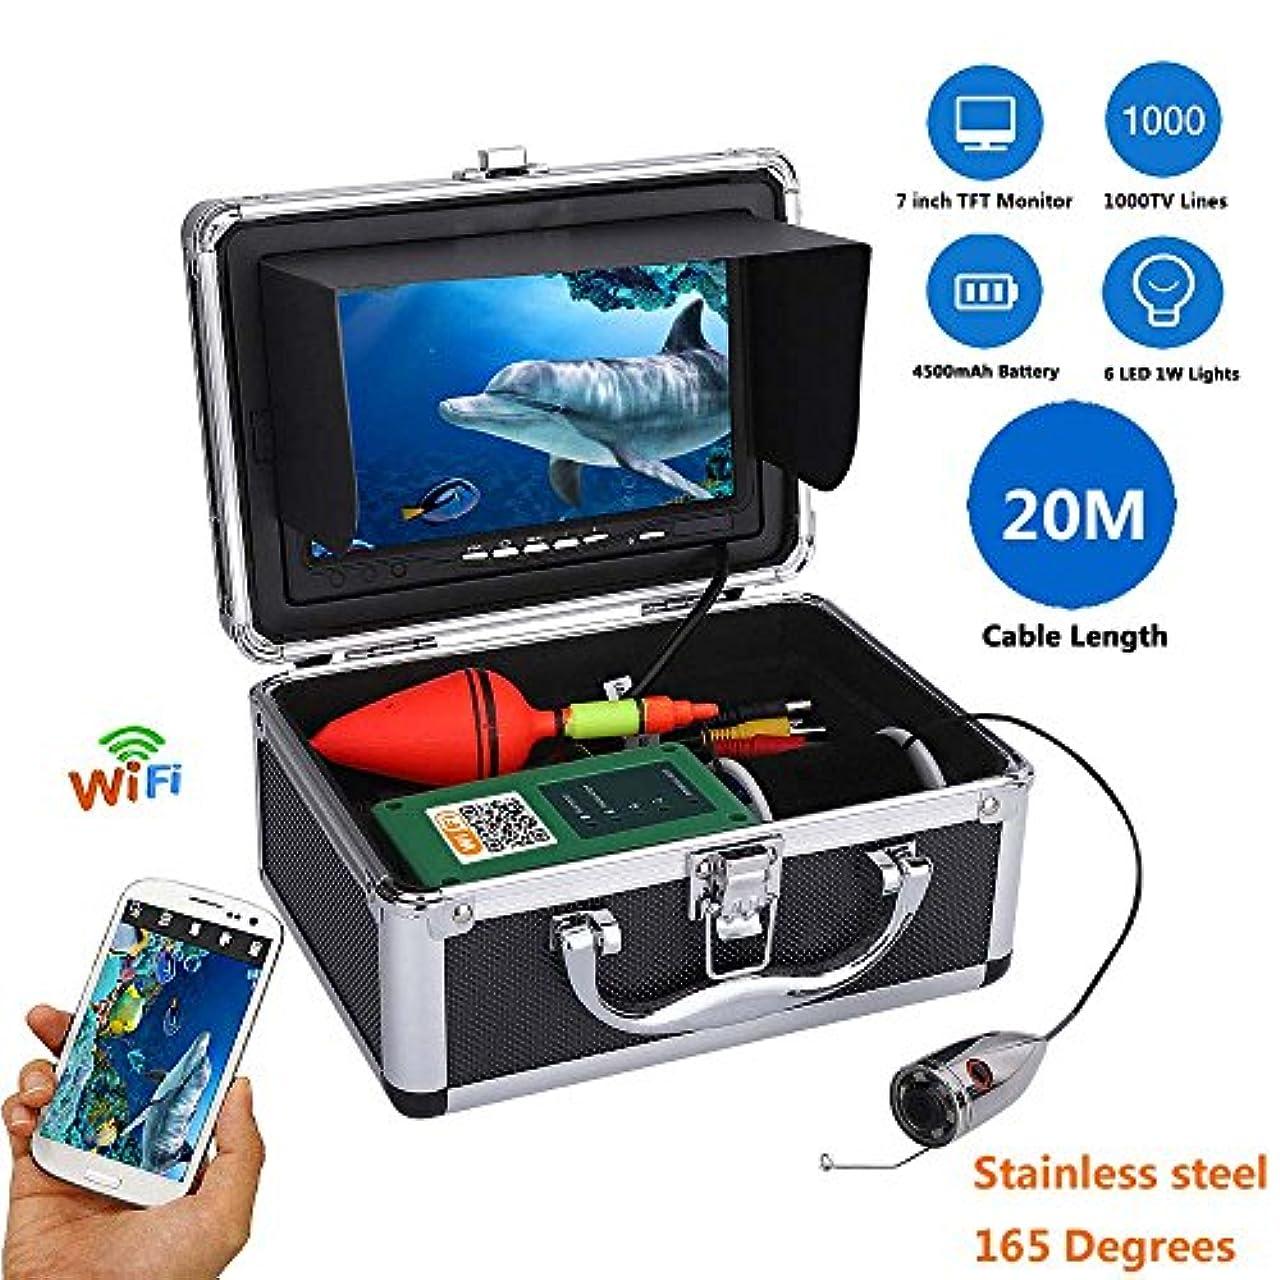 報酬報酬苦情文句水中フィッシュファインダー HD 水中カメラ7インチ TFT カラーディスプレイ1000tvl 水中釣りカメラキット (20m)